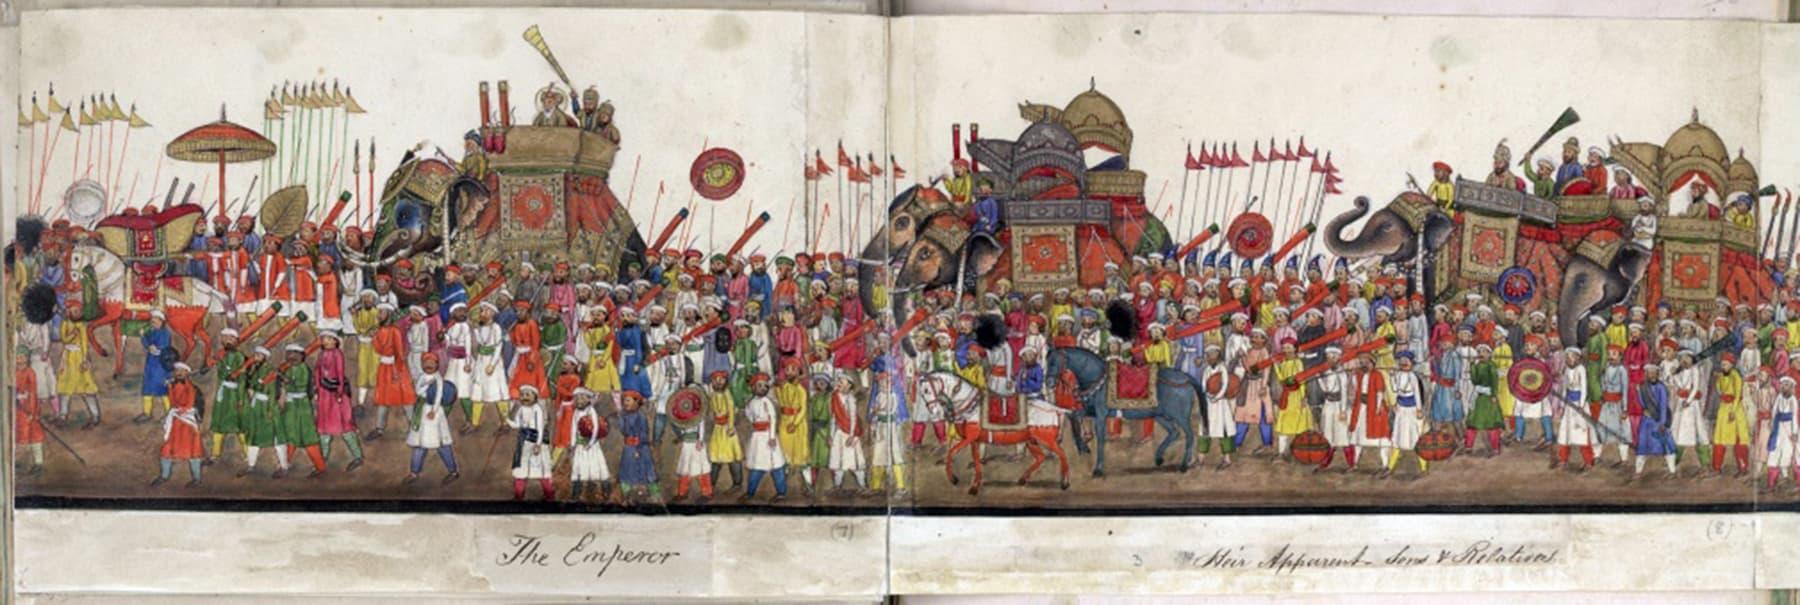 1843ء میں ہاتھی کی پیٹھ پر سوار بہادر شاہ ظفر عید جلسے میں شریک ہیں